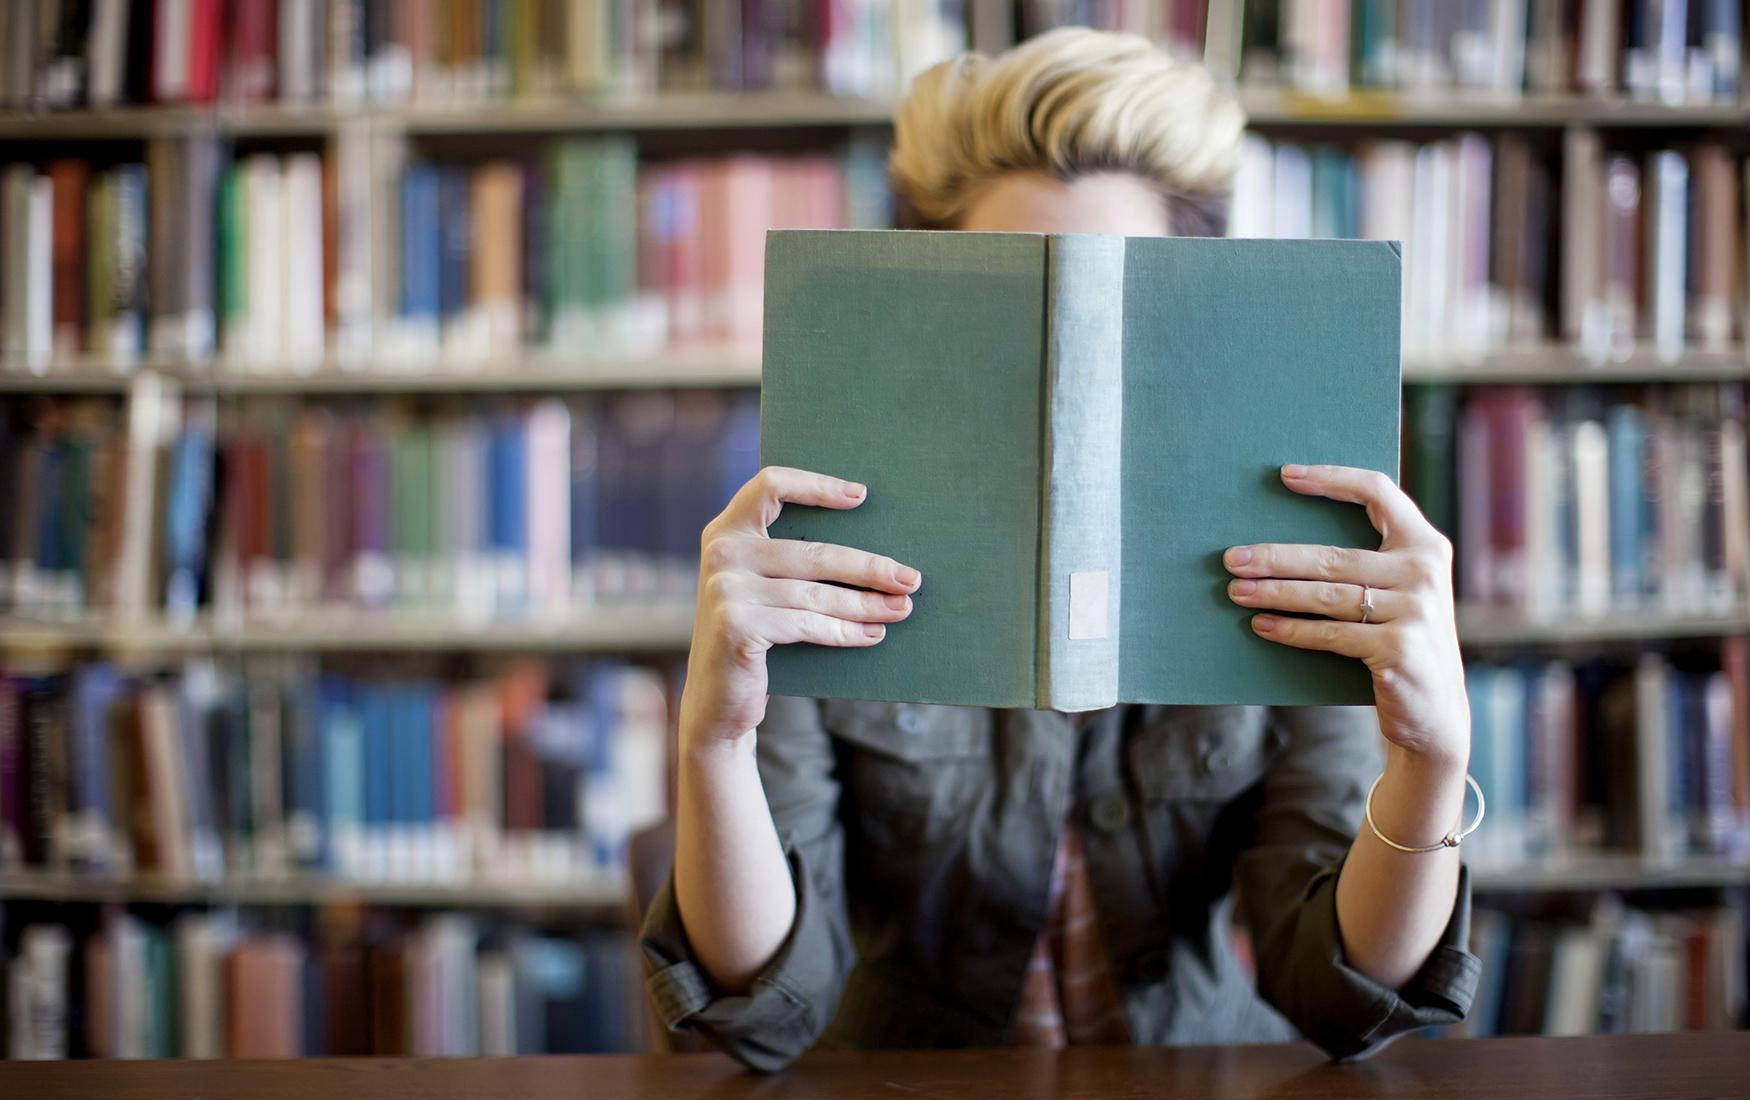 Книга человек картинки